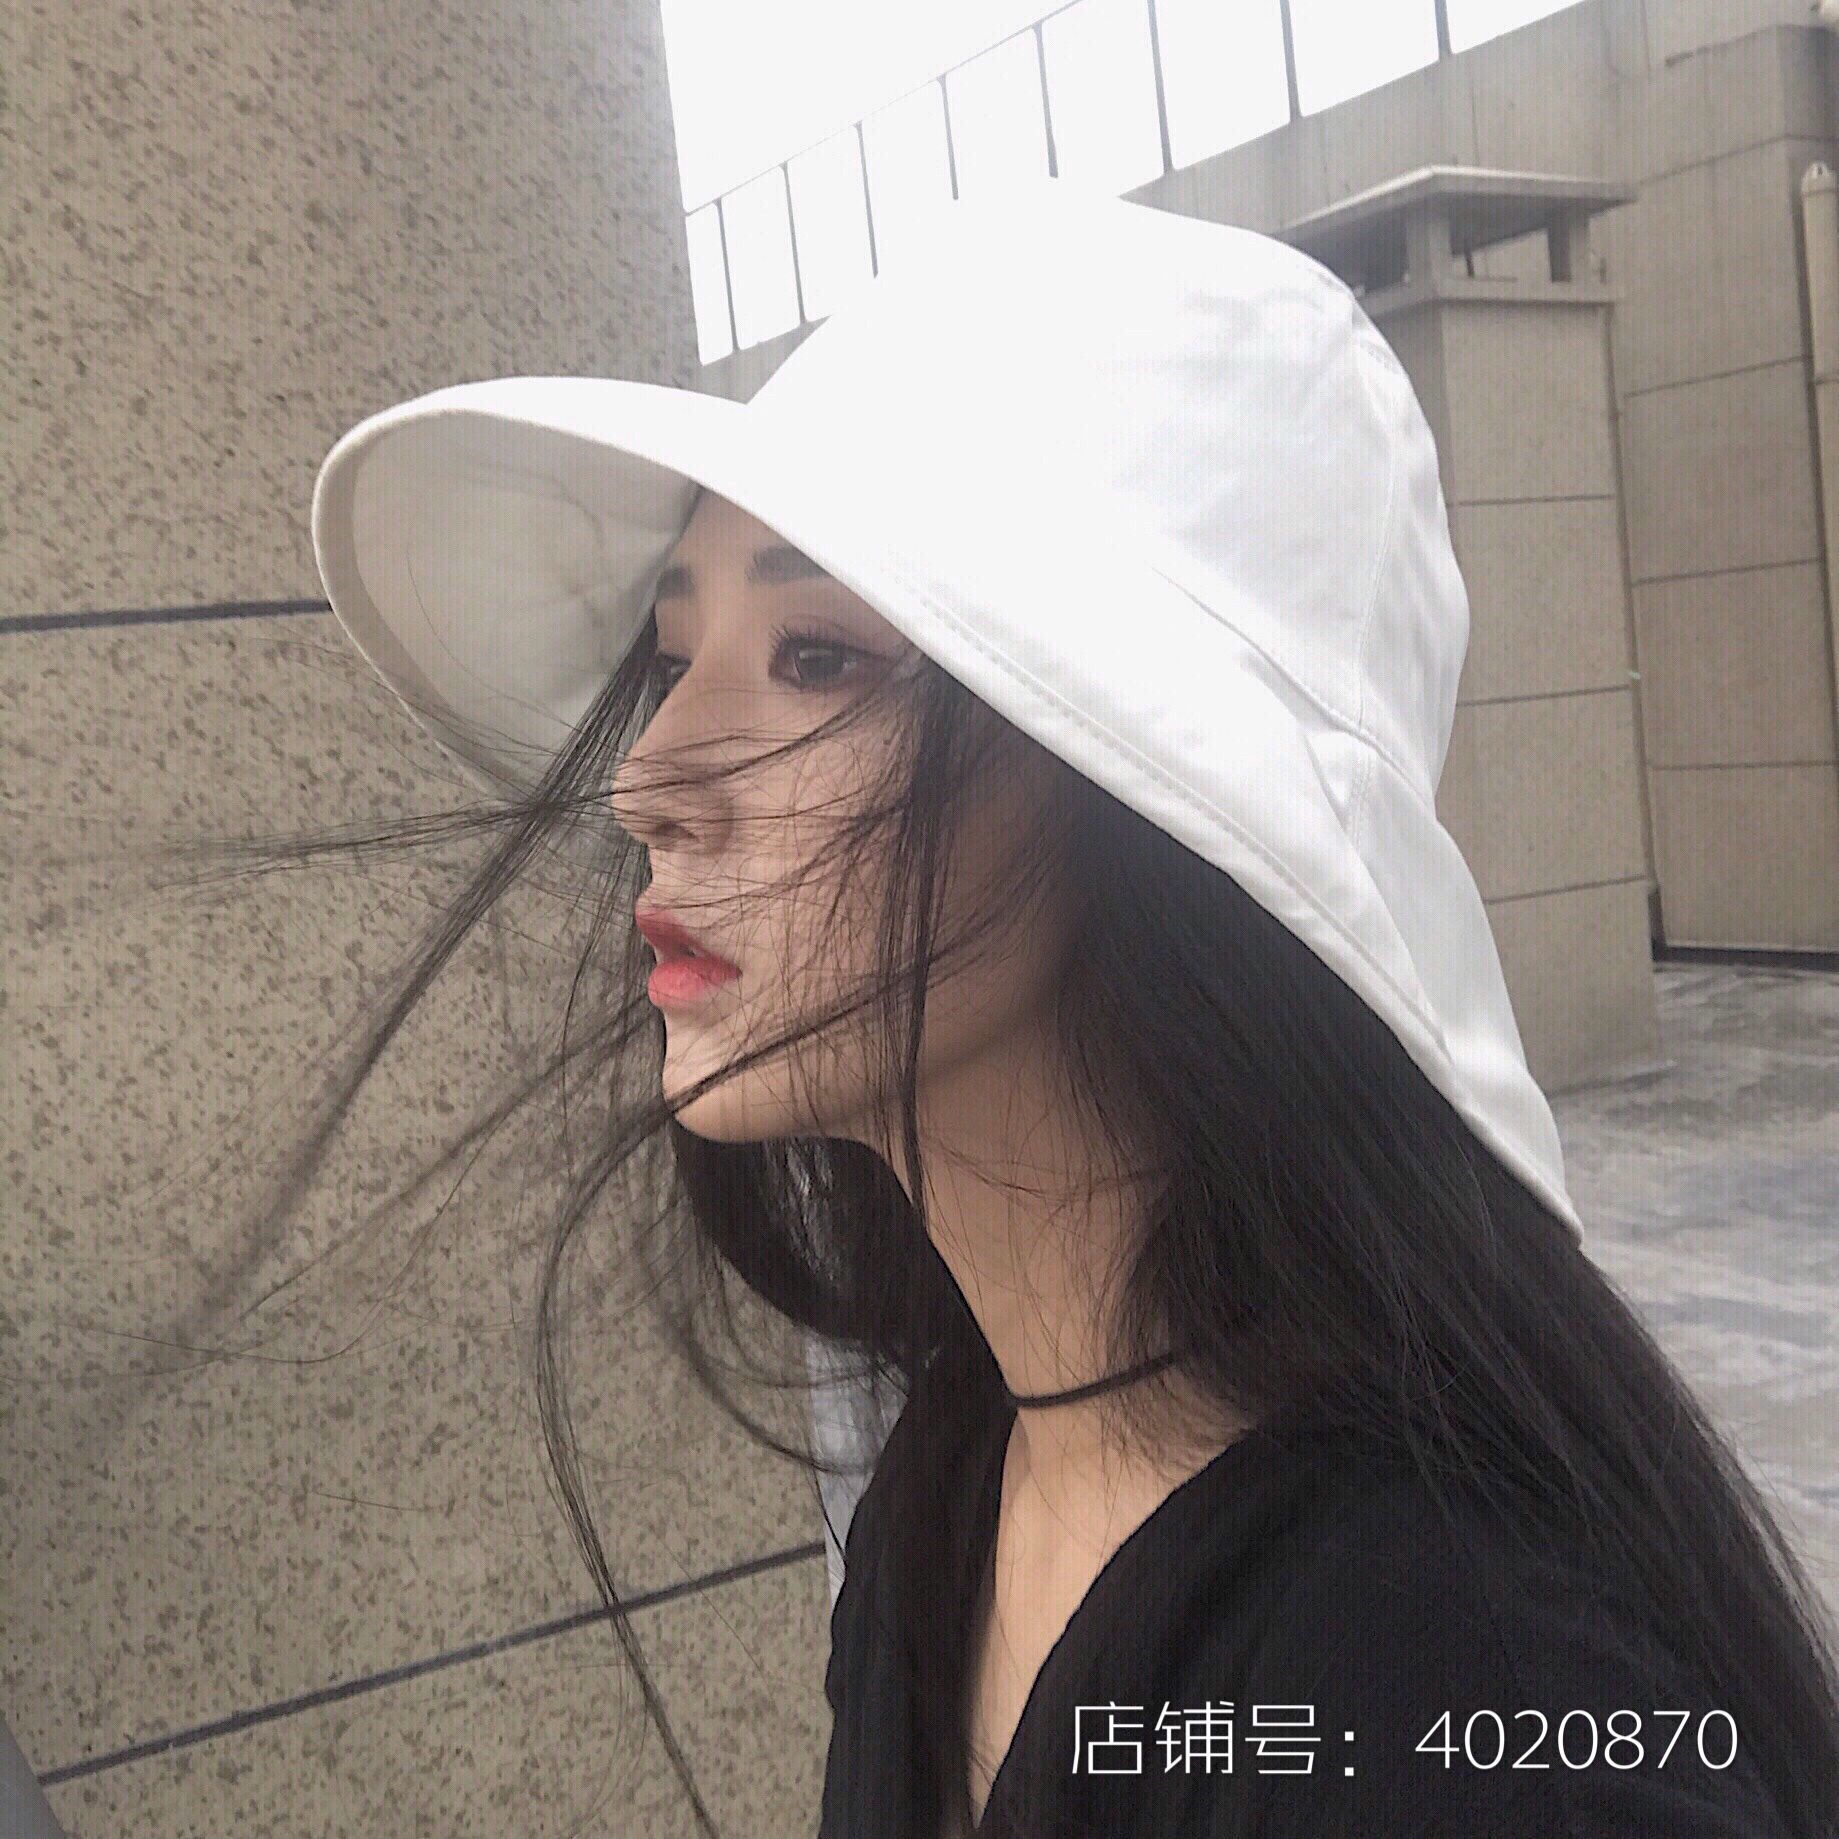 自带仙气~仙女风干净纯白色渔夫帽券后28.00元